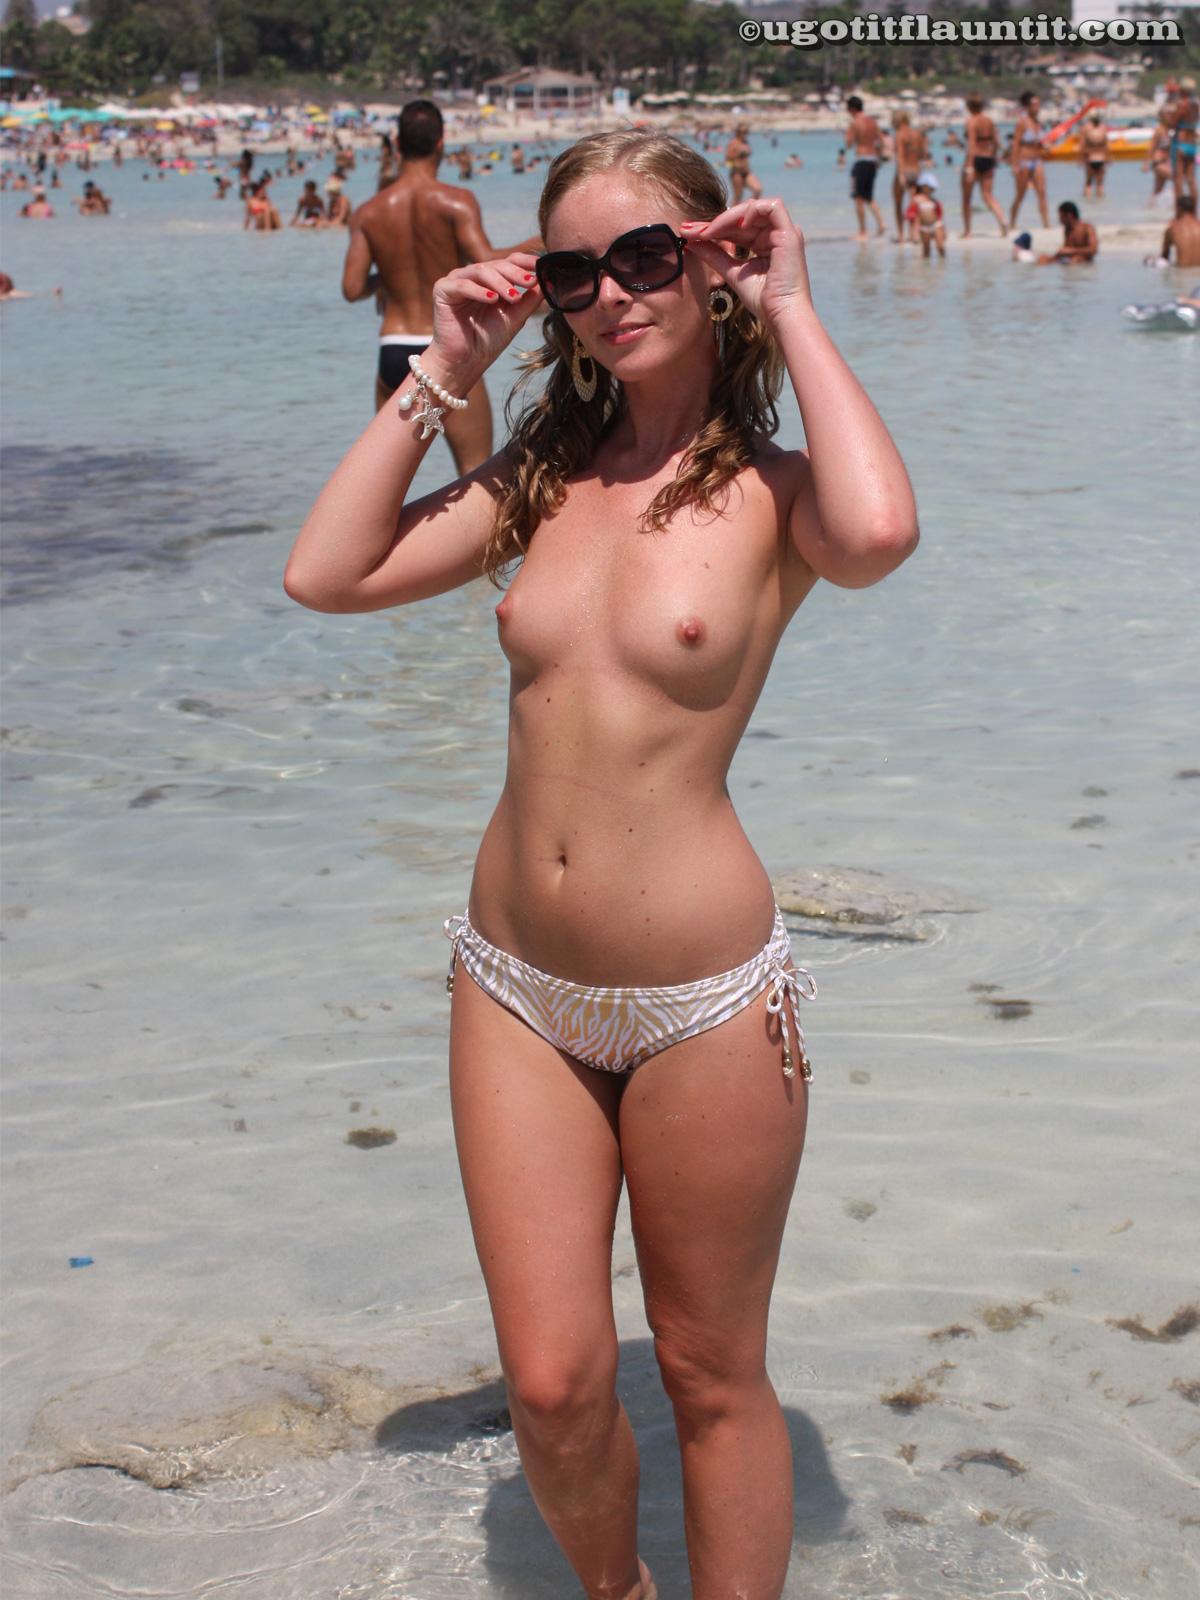 Фото как загорают дамы на пляже 8 фотография